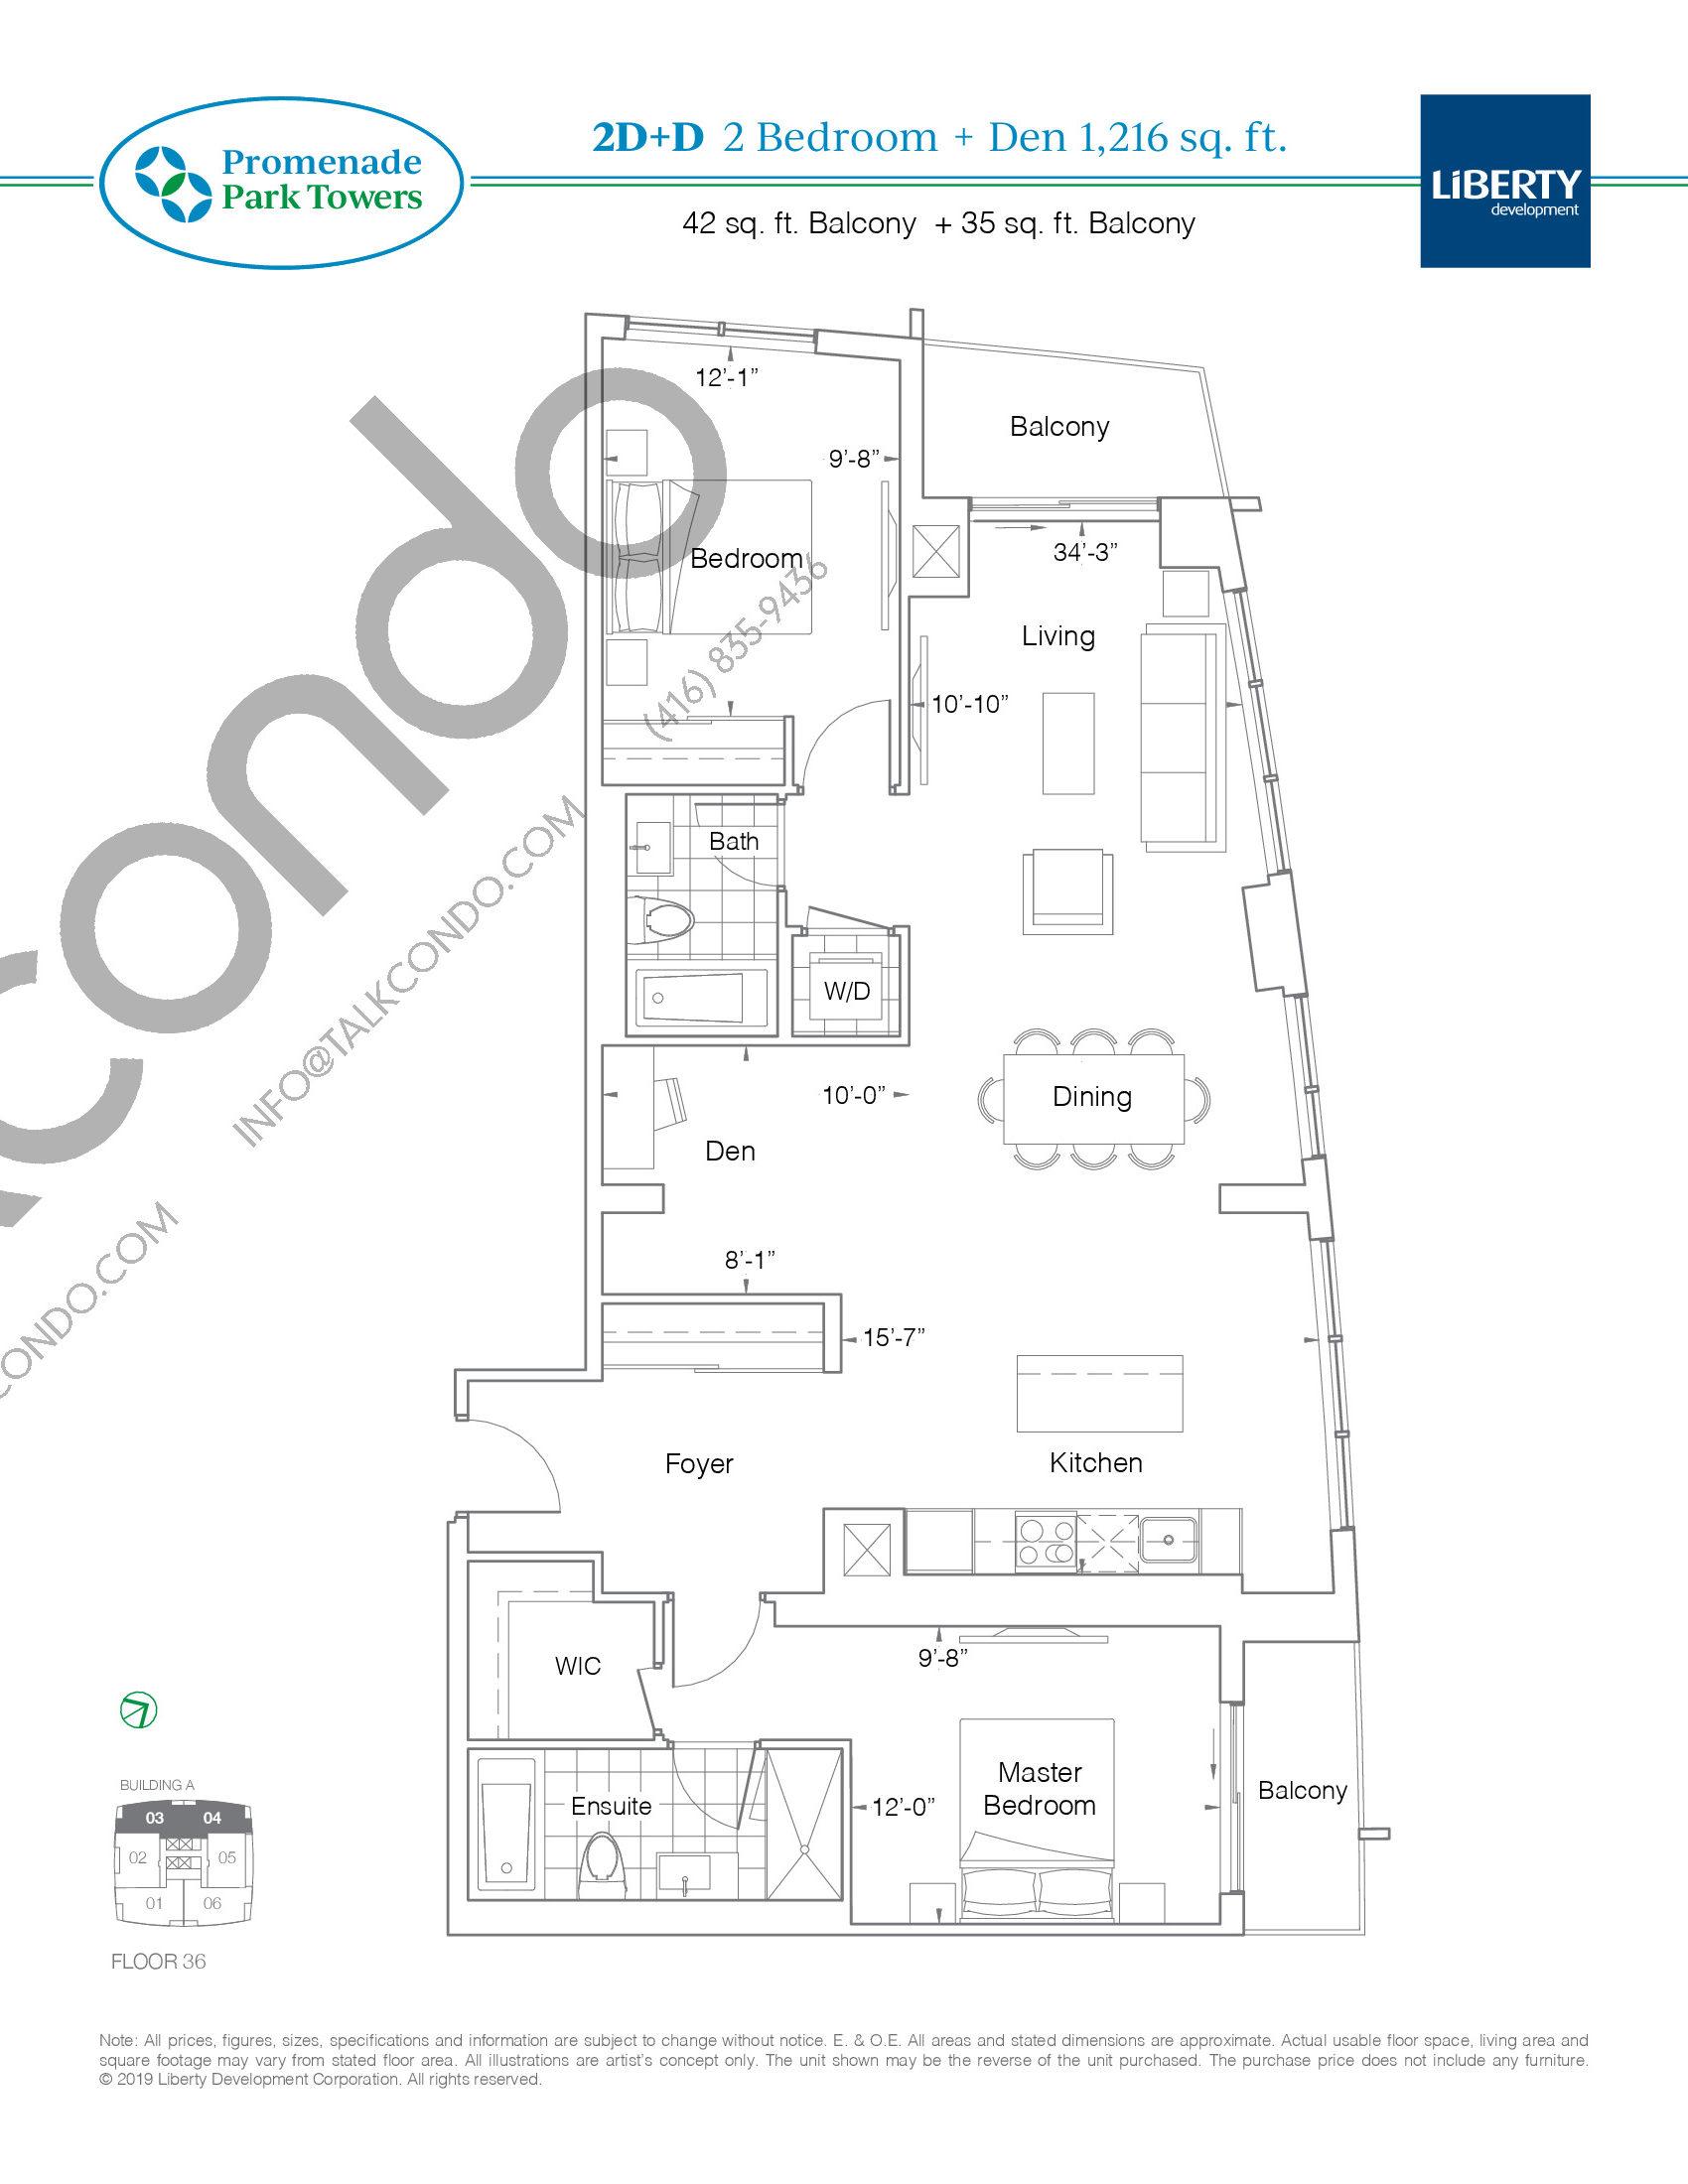 2D+D Floor Plan at Promenade Park Towers Condos - 1216 sq.ft